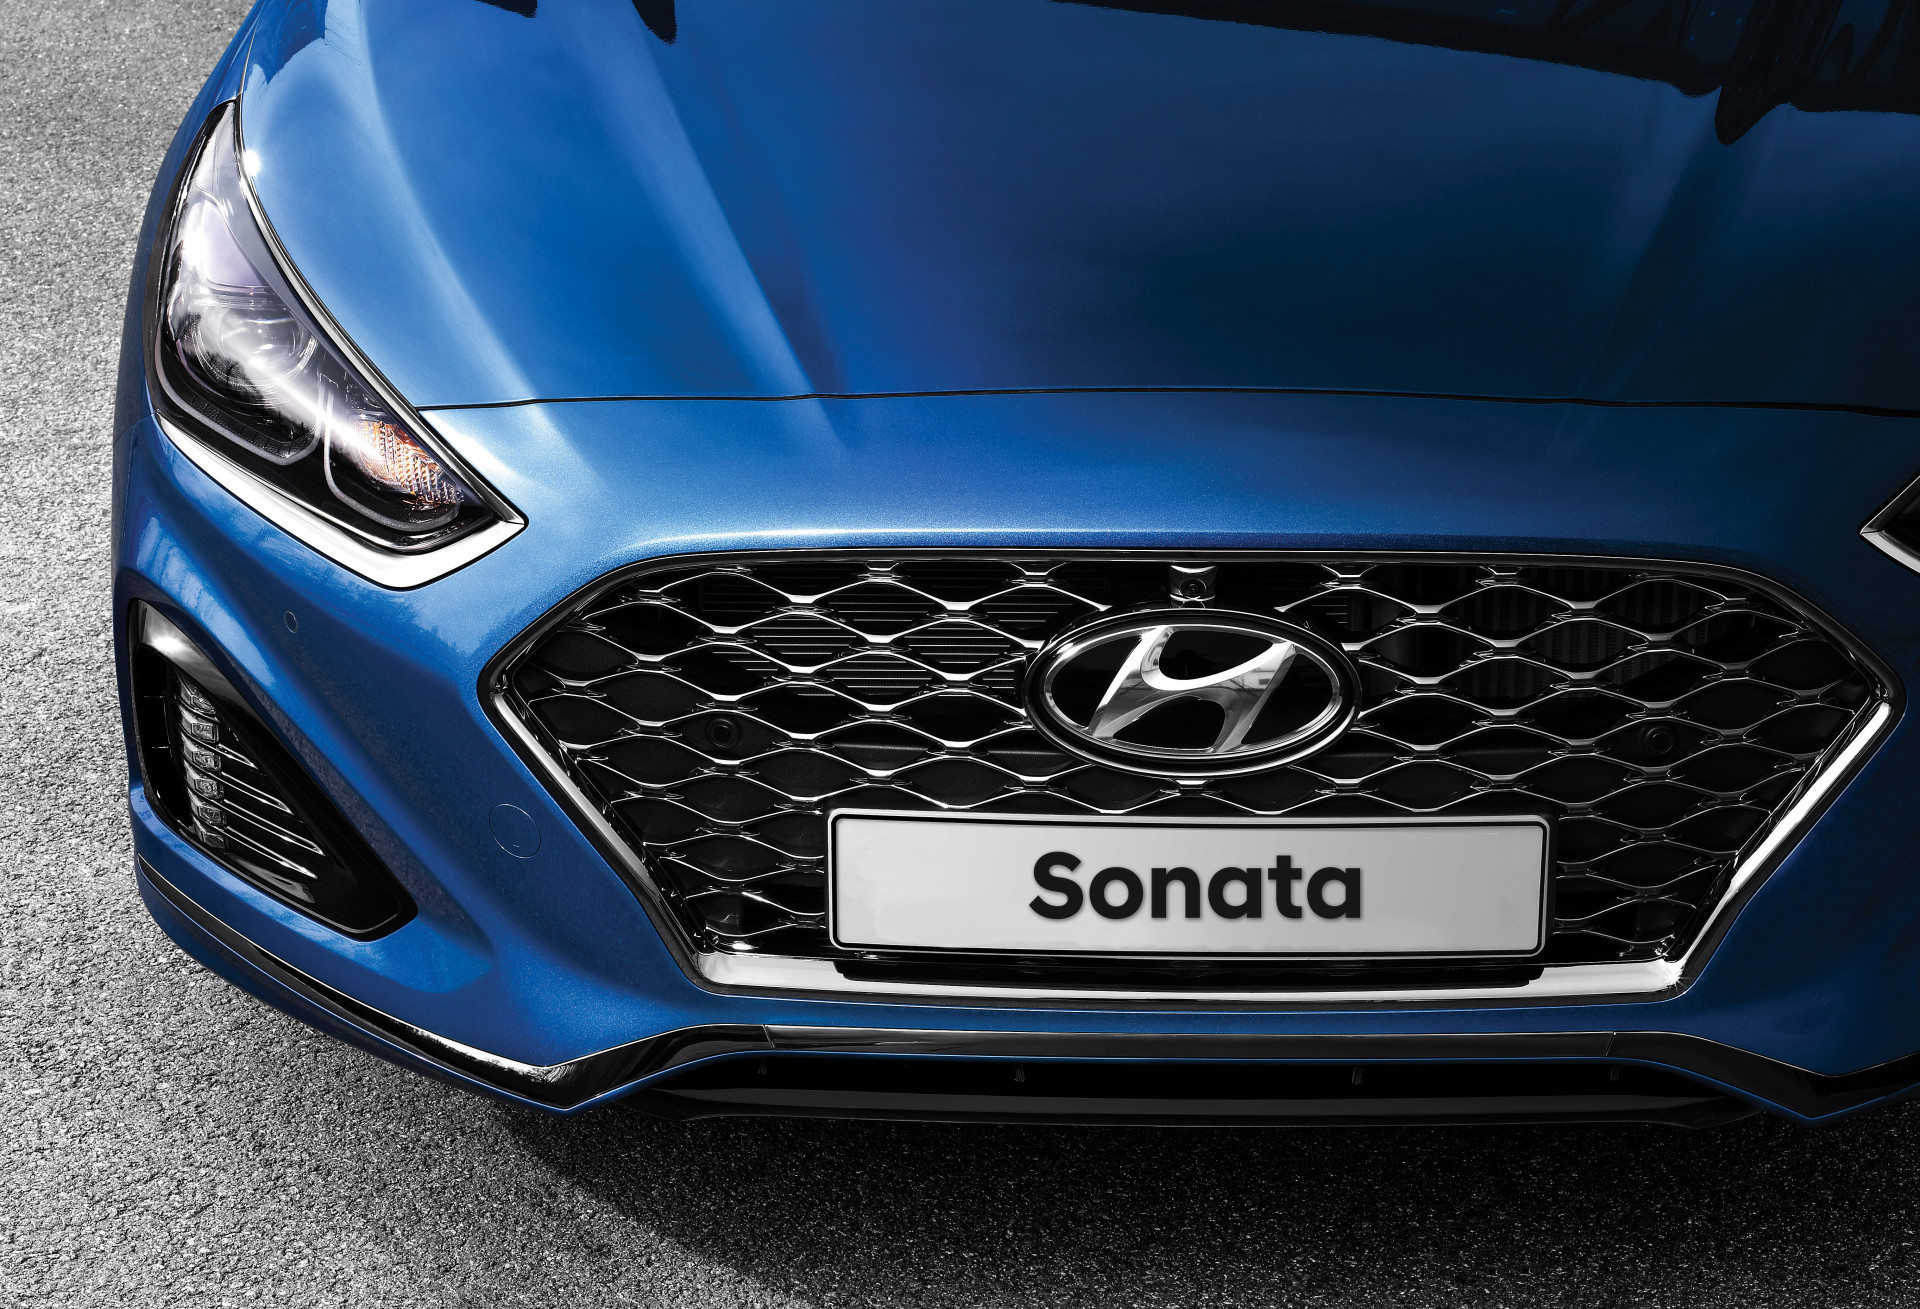 Sonata Sedan Hyundai New Zealand